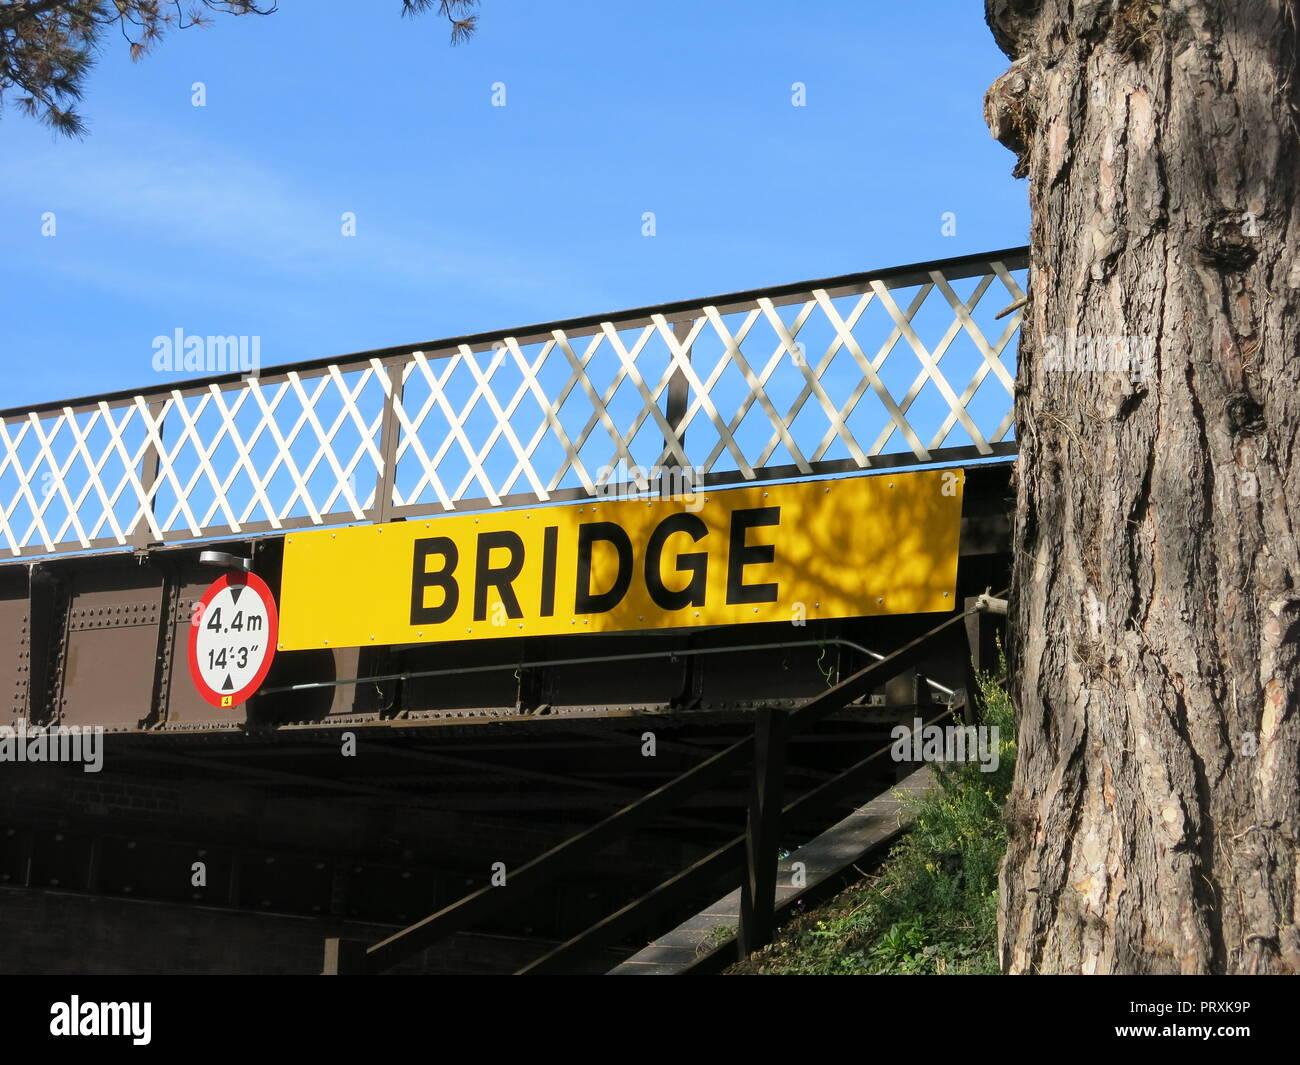 Un grand panneau jaune disant 'Bridge' met en garde contre les restrictions à l'égard de la hauteur sous le pont ferroviaire de Broadway station vapeur, Gloucestershire Warwickshire Photo Stock